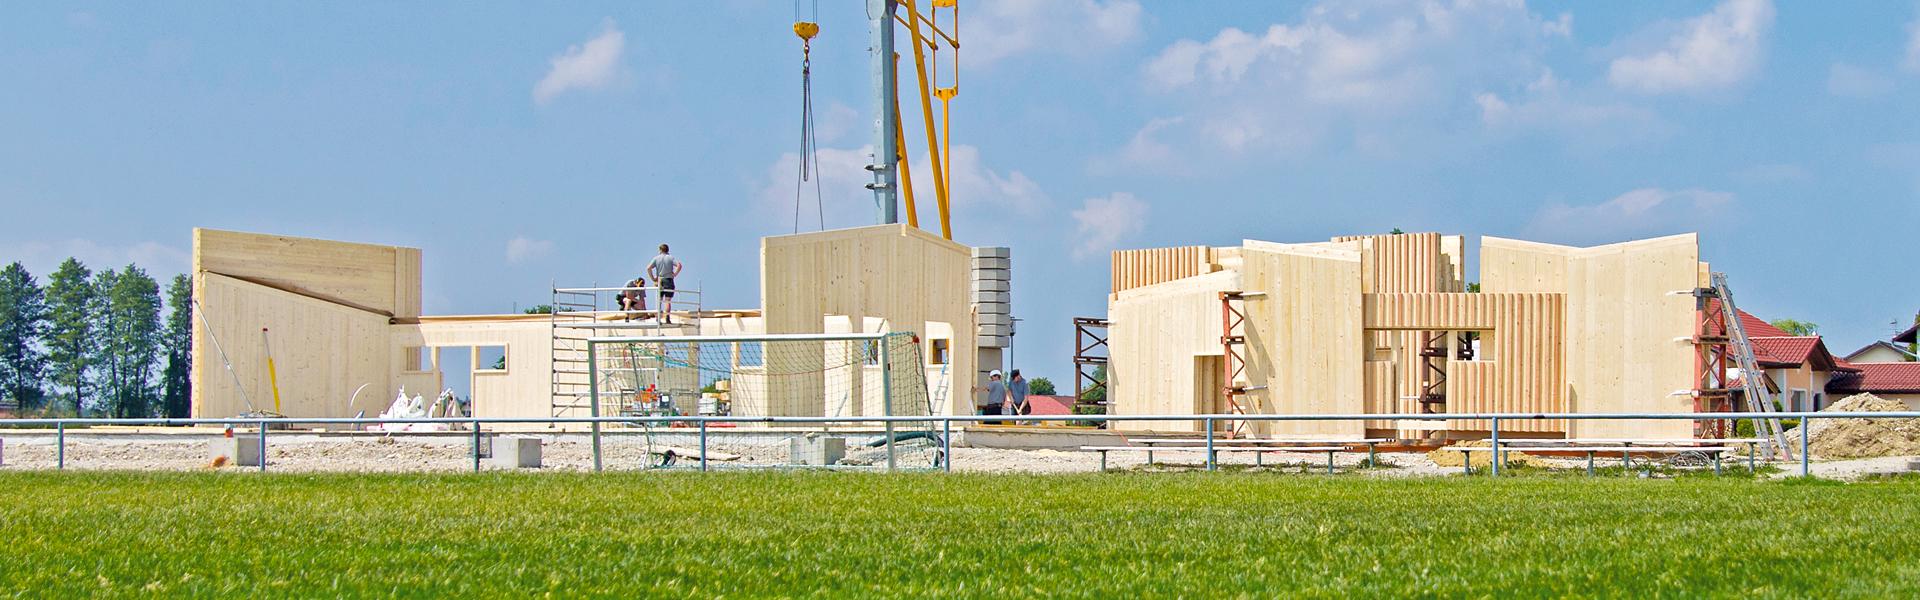 Ist das Brunthaler BaumHaus ein Fertighaus? Auf einer Baustelle werden Monoblock-Wänden aufgestellt.